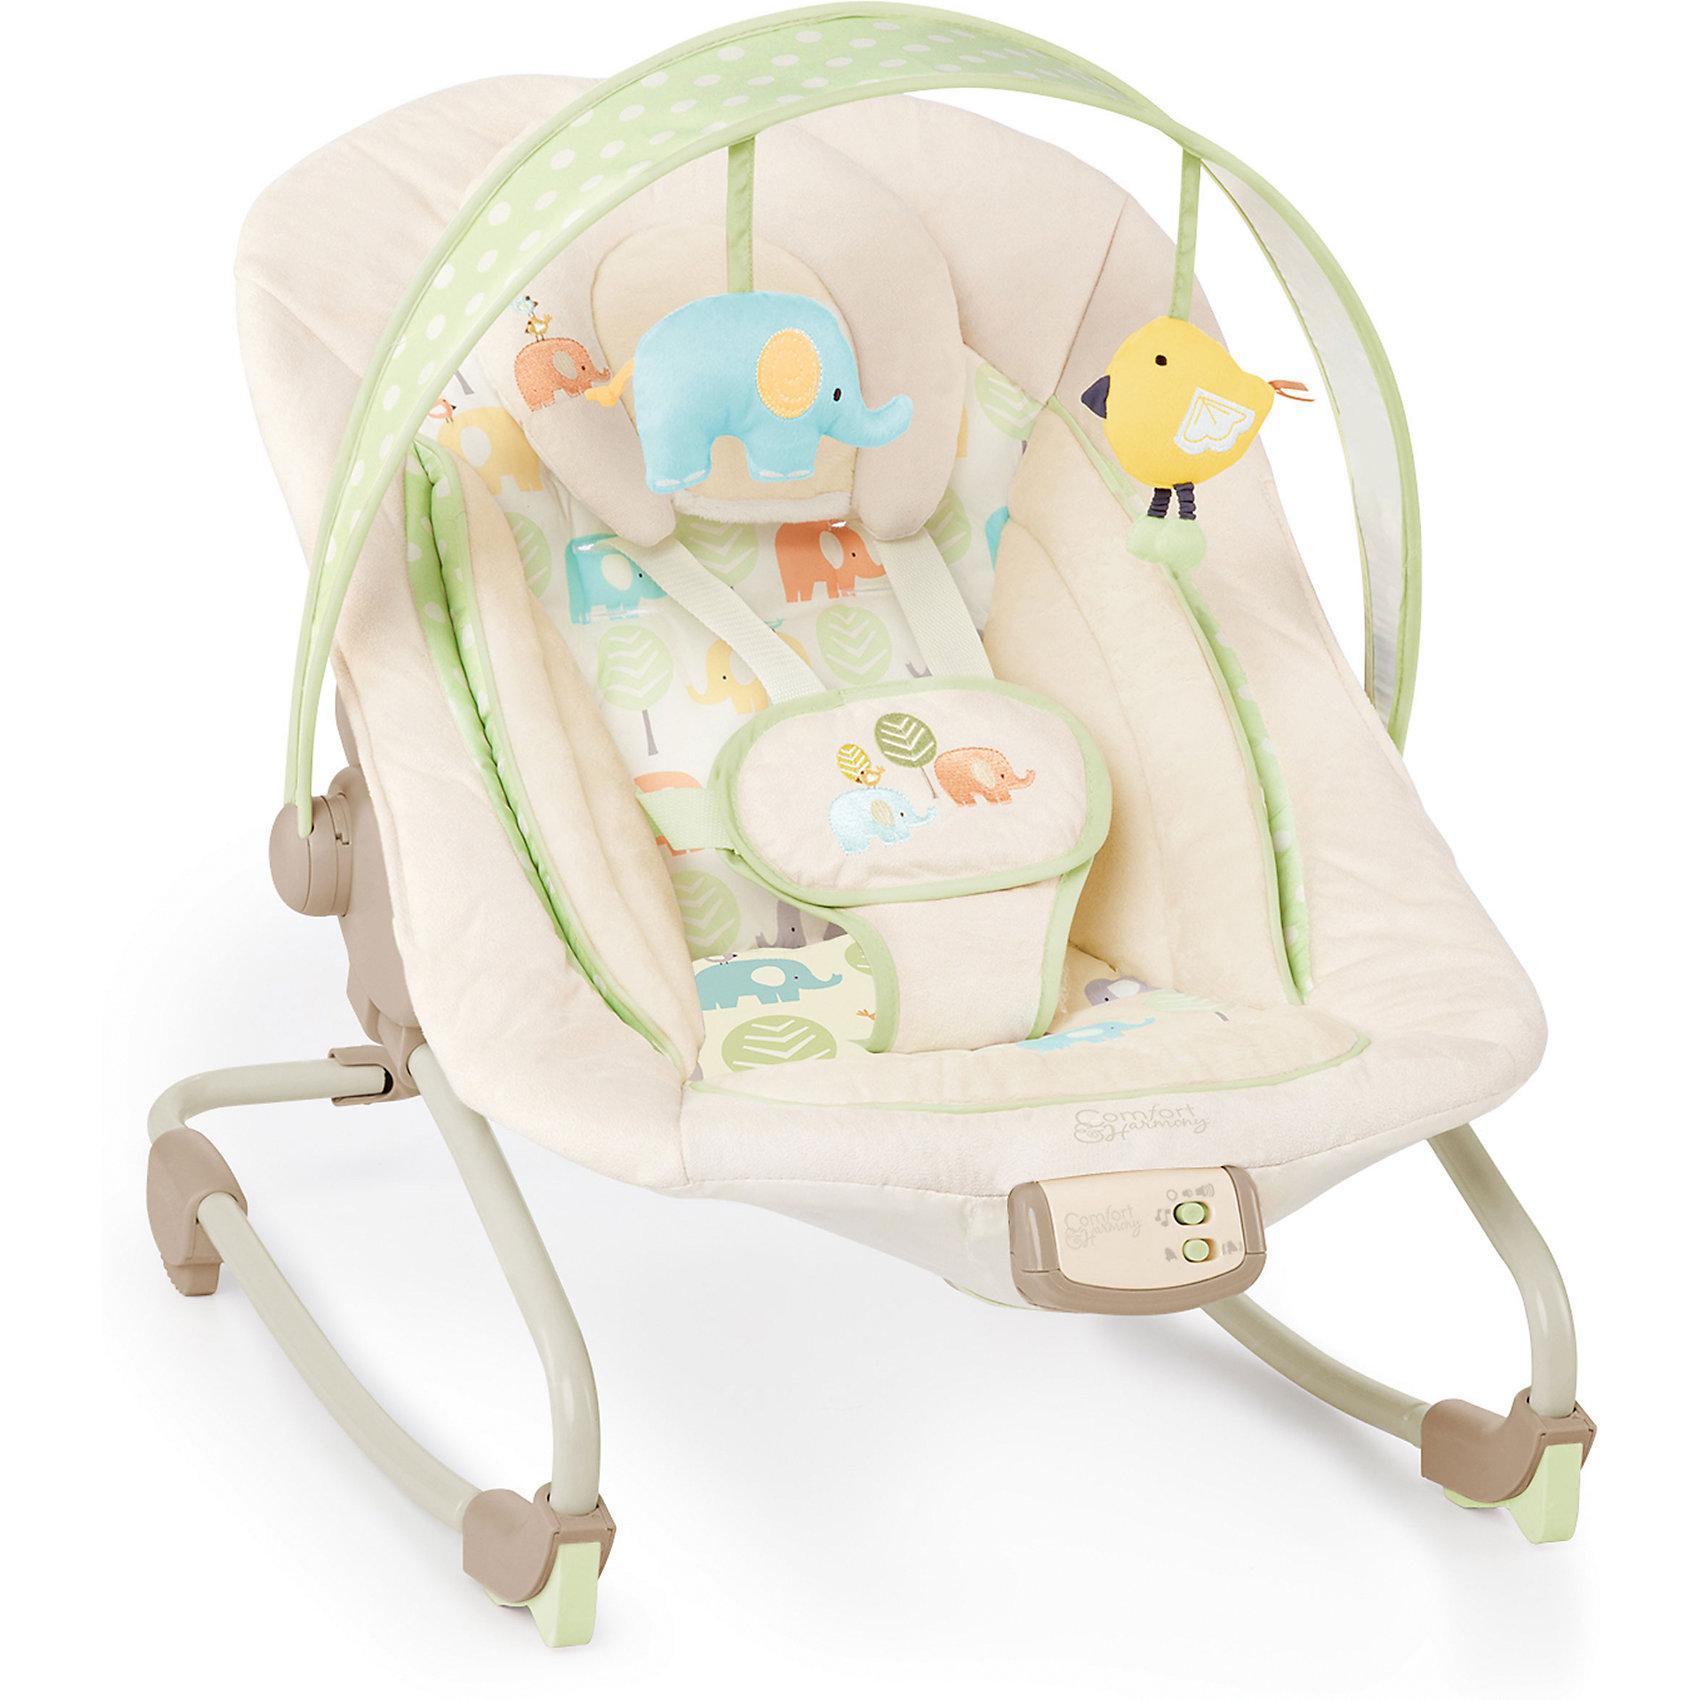 Кресло-качалка  Друзья малыша, Bright StartsЛегкое и удобное кресло-качалка Друзья малыша, Bright Starts - замечательное место для игр и отдыха малыша, которое позволяет держать ребенка на виду. Анатомическая конструкция кресла обеспечивает малышам правильное положение. Широкое сиденье с мягкой подкладкой и съемным подголовником создает ребенку оптимальный комфорт. Спинка сиденья регулируется в трех положениях, вплоть до горизонтального. Кресло можно использовать как качалку с функцией вибрации, а можно зафиксировать сиденье в статичном положении для детей постарше. Ребенок надежно удерживается в кресле при помощи мягкого пятиточечного ремня безопасности, ножки имеют антискользящее покрытие. <br><br>Кресло обладает музыкальными эффектами, которые успокоят и развлекут малыша: при нажатии на кнопку на корпусе можно послушать 7 мелодий, имеется регулировка громкости и автоматическое отключение через 15 минут. Забавные плюшевые игрушки (слоник и птичка) на съемной дуге привлекут внимание ребенка и будут способствовать двигательной активности, тактильному и сенсорному развитию. Кресло-качалка легко складывается и не занимает много места при хранении. Чехол из ткани можно стирать в стиральной машине при температуре 30 градусов. Максимальный вес ребенка - 18 кг.<br><br>Дополнительная информация:<br><br>- Материал: текстиль, пластик, металл.<br>- Возраст: 0 мес. - 3 года.<br>- Требуются 3 батарейки типа С (не входят в комплект).<br>- Размер в разложенном виде: 87 x 71 x 61 см. <br>- Размер упаковки: 71 x 35 x 55 см.<br>- Вес: 4,1 кг.<br><br> Кресло-качалку Друзья малыша, Bright Starts, можно купить в нашем интернет-магазине.<br><br>Ширина мм: 610<br>Глубина мм: 394<br>Высота мм: 130<br>Вес г: 4477<br>Возраст от месяцев: 0<br>Возраст до месяцев: 12<br>Пол: Унисекс<br>Возраст: Детский<br>SKU: 4214636